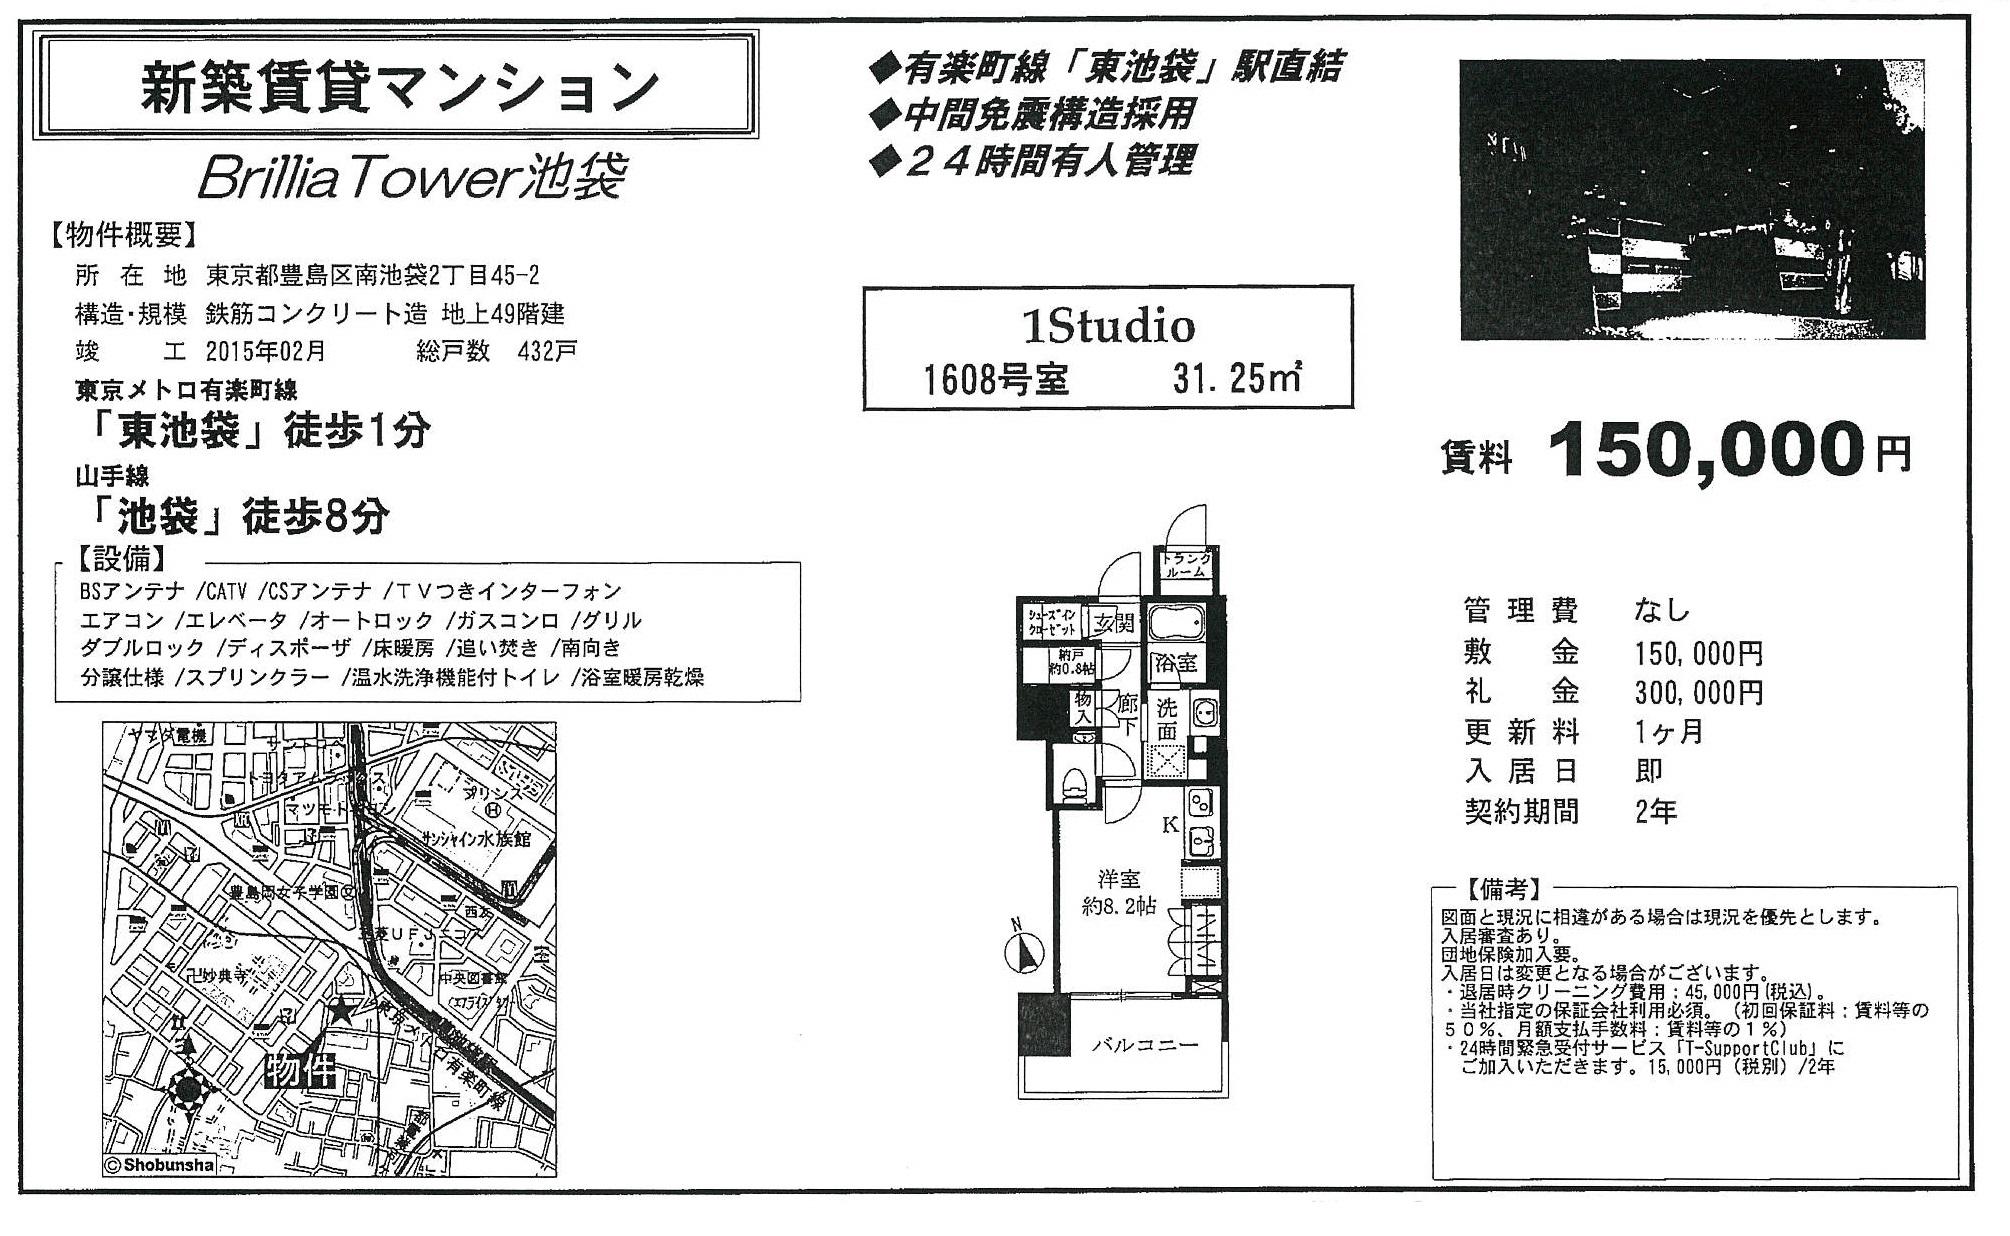 ブリリアタワー池袋図面1608号室